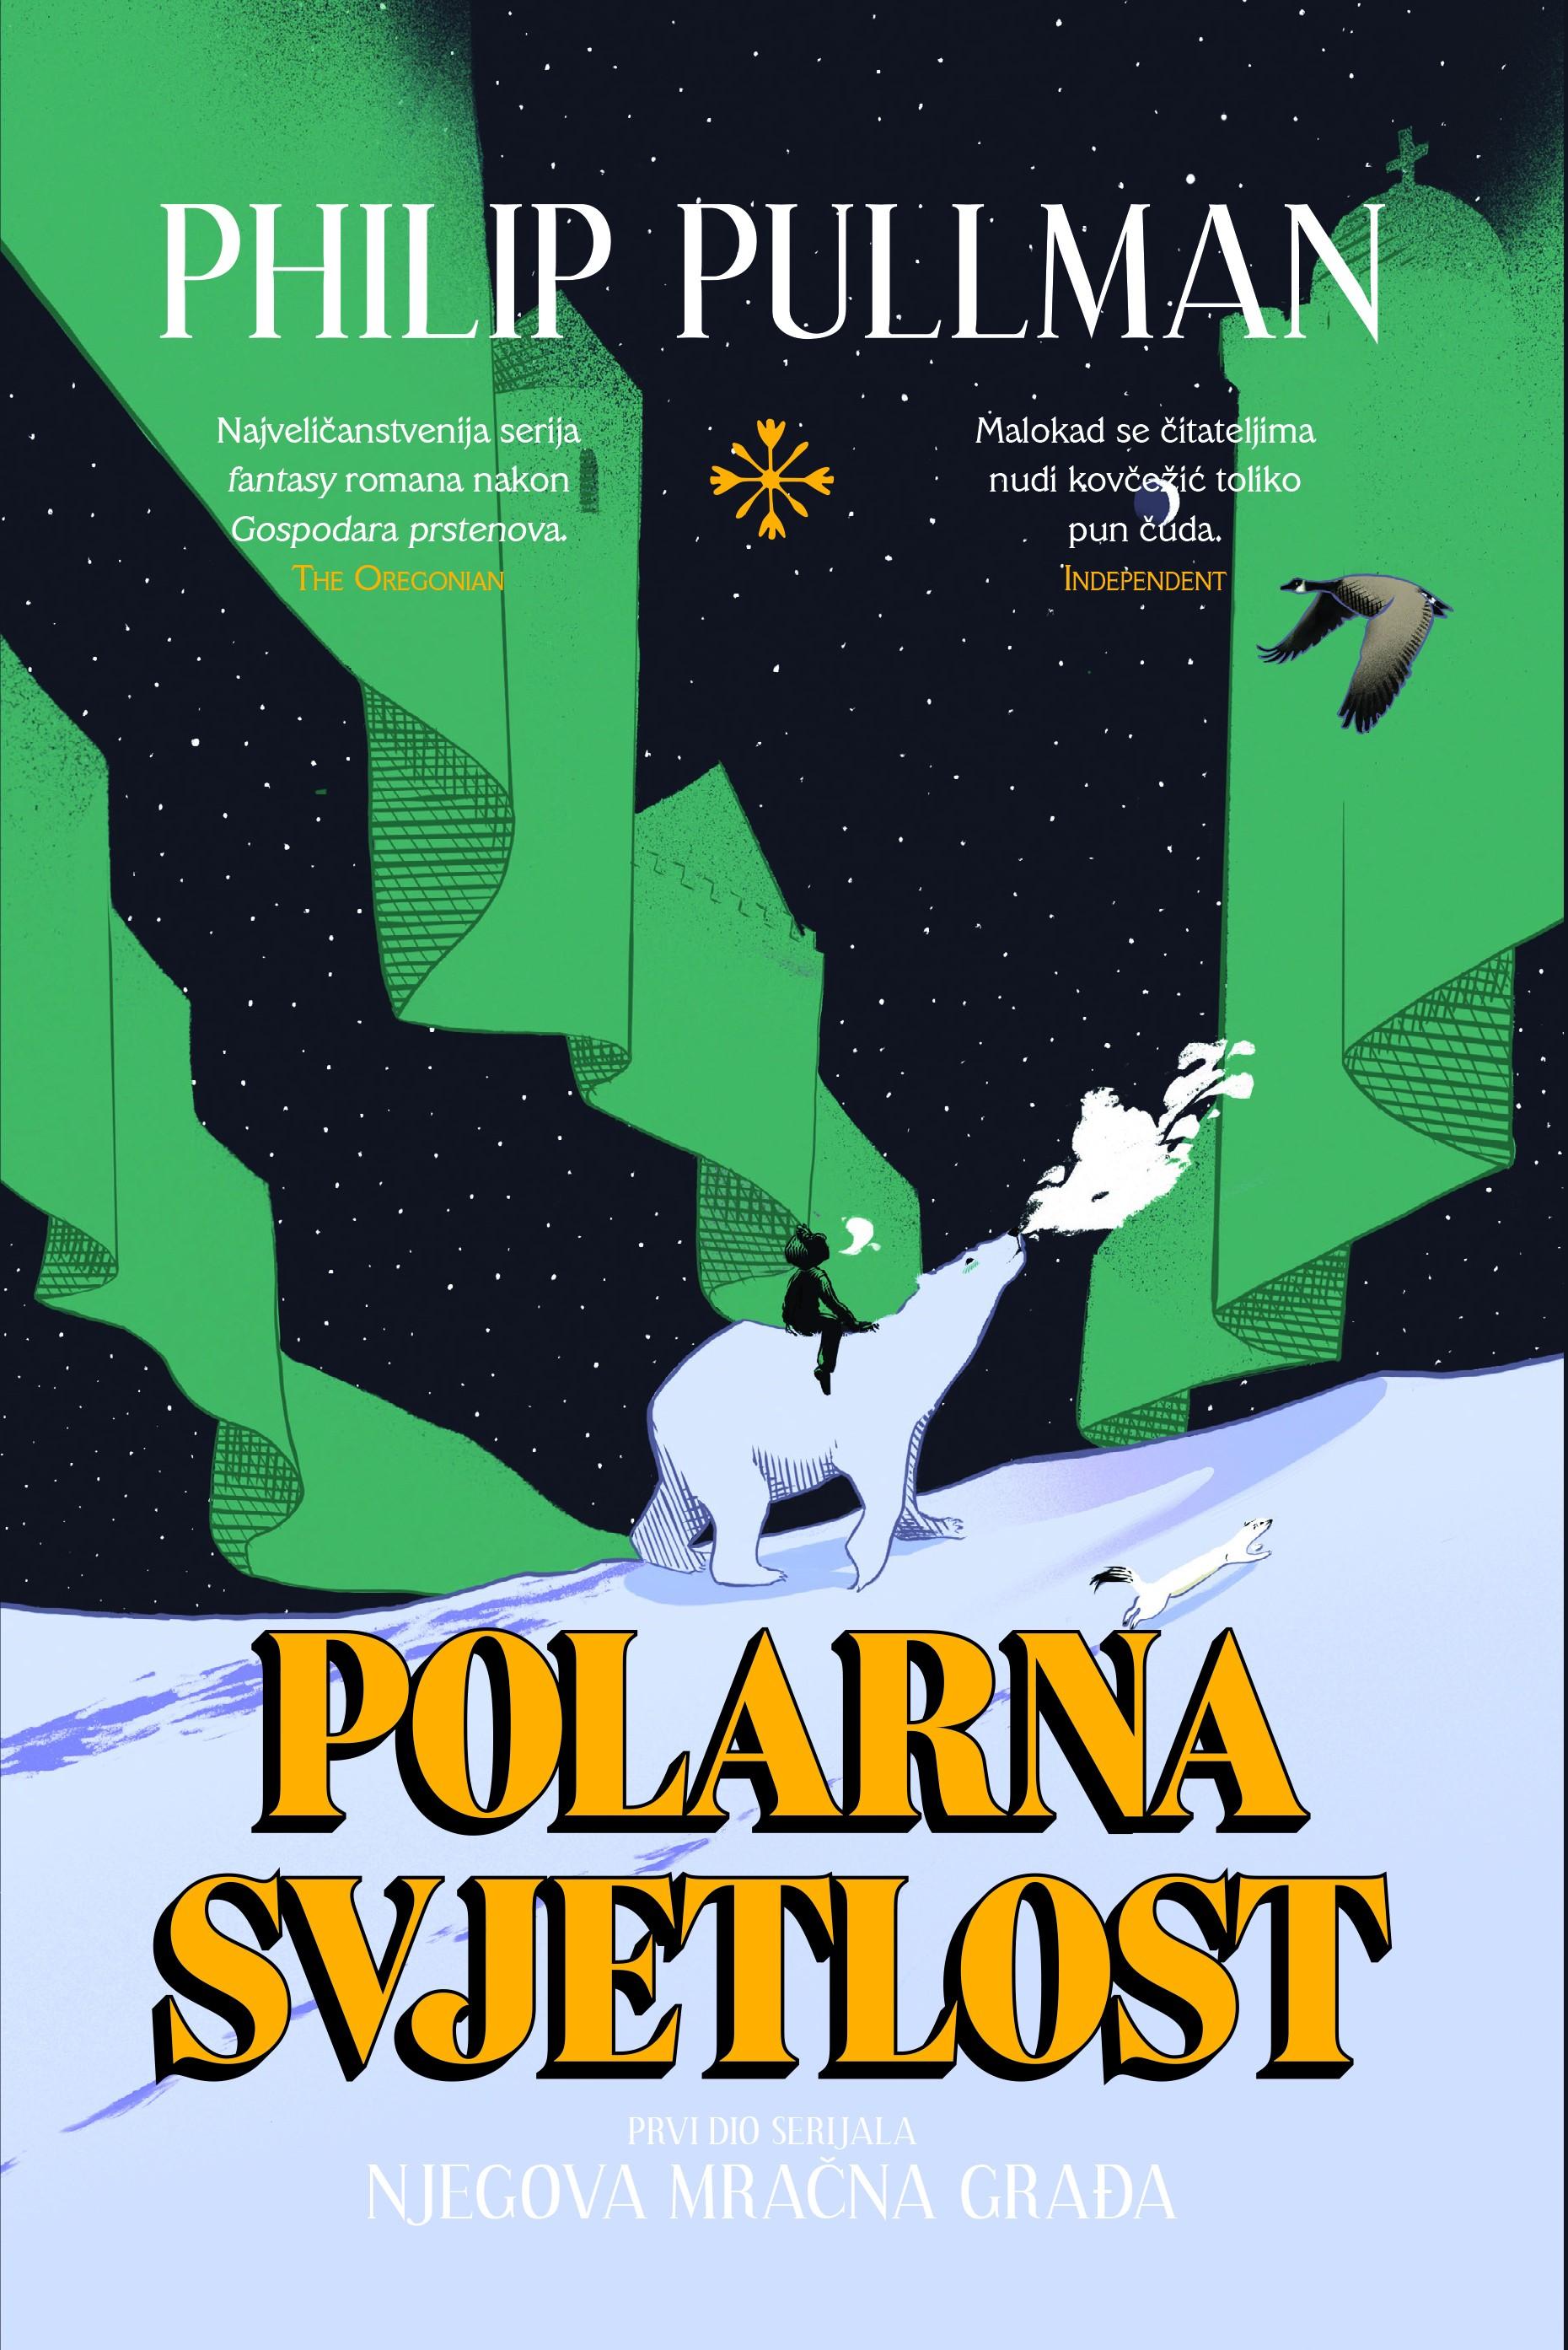 Polarna svjetlost (Njegova mračna građa, #1)